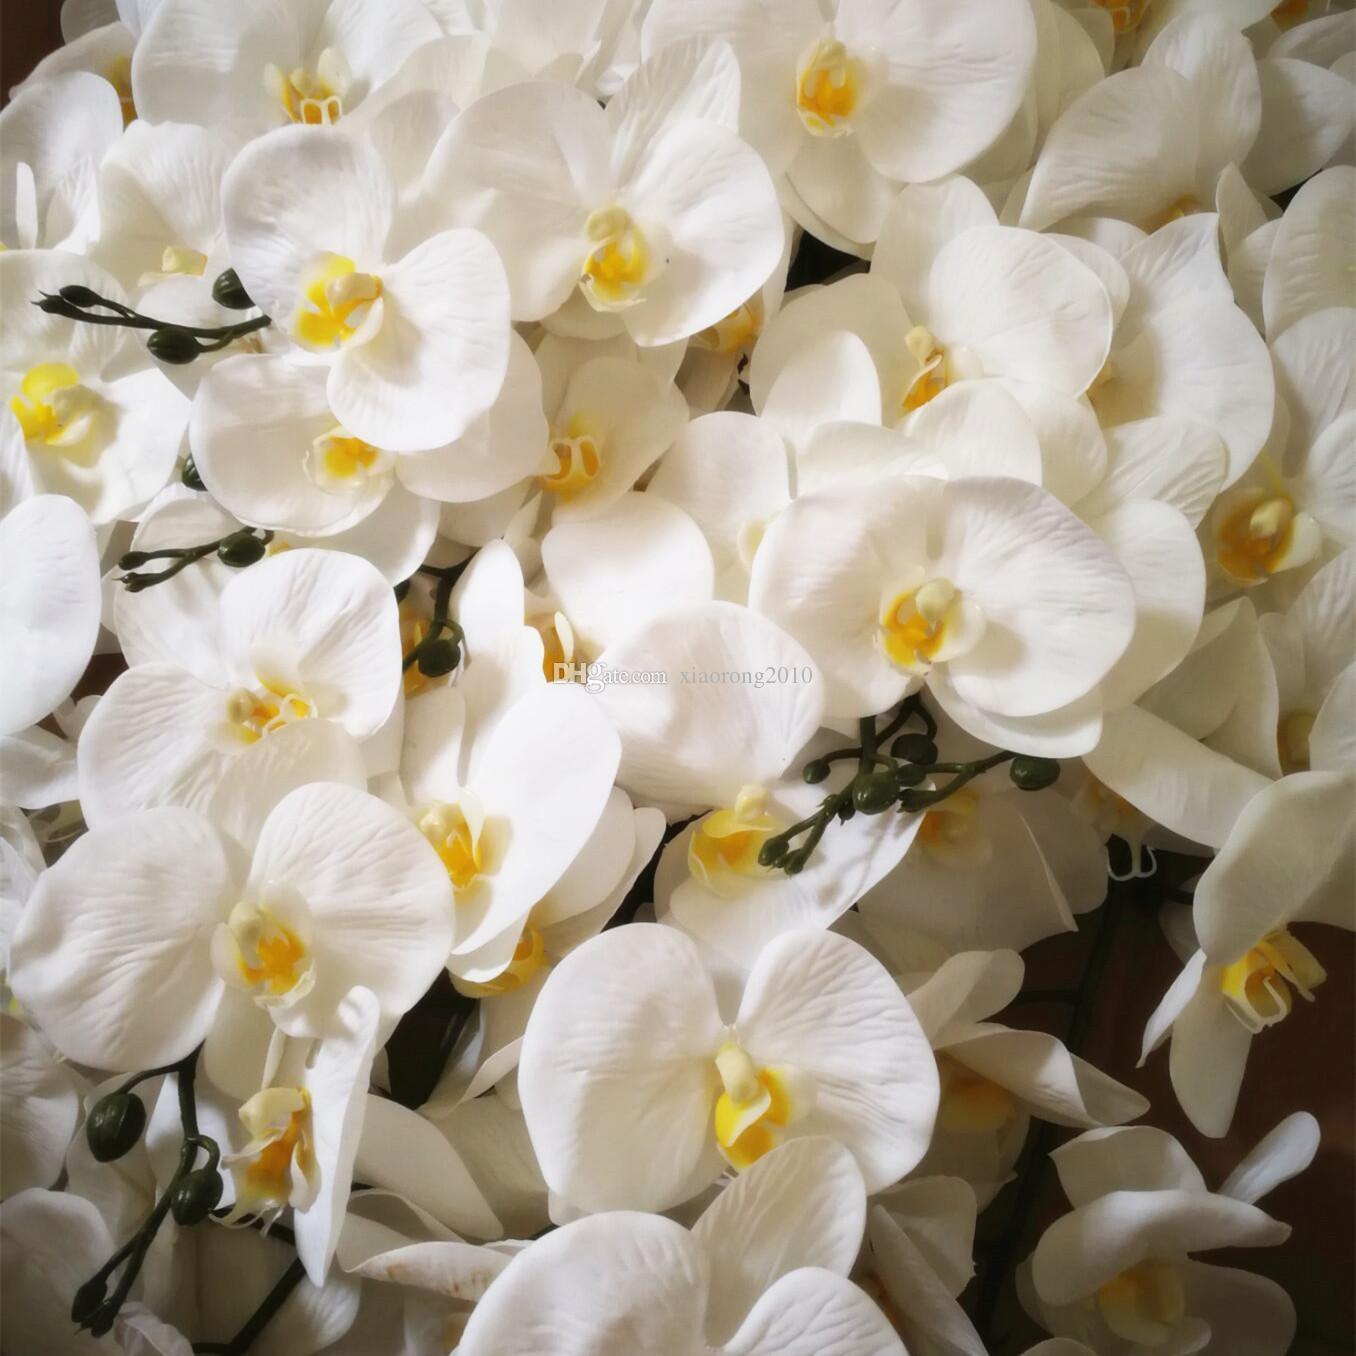 Один PU Фаленопсис Цветок 100см Long Real ощупывание касания Искусственные бабочки цветок орхидеи белый / фуксия для свадебных Centerpieces